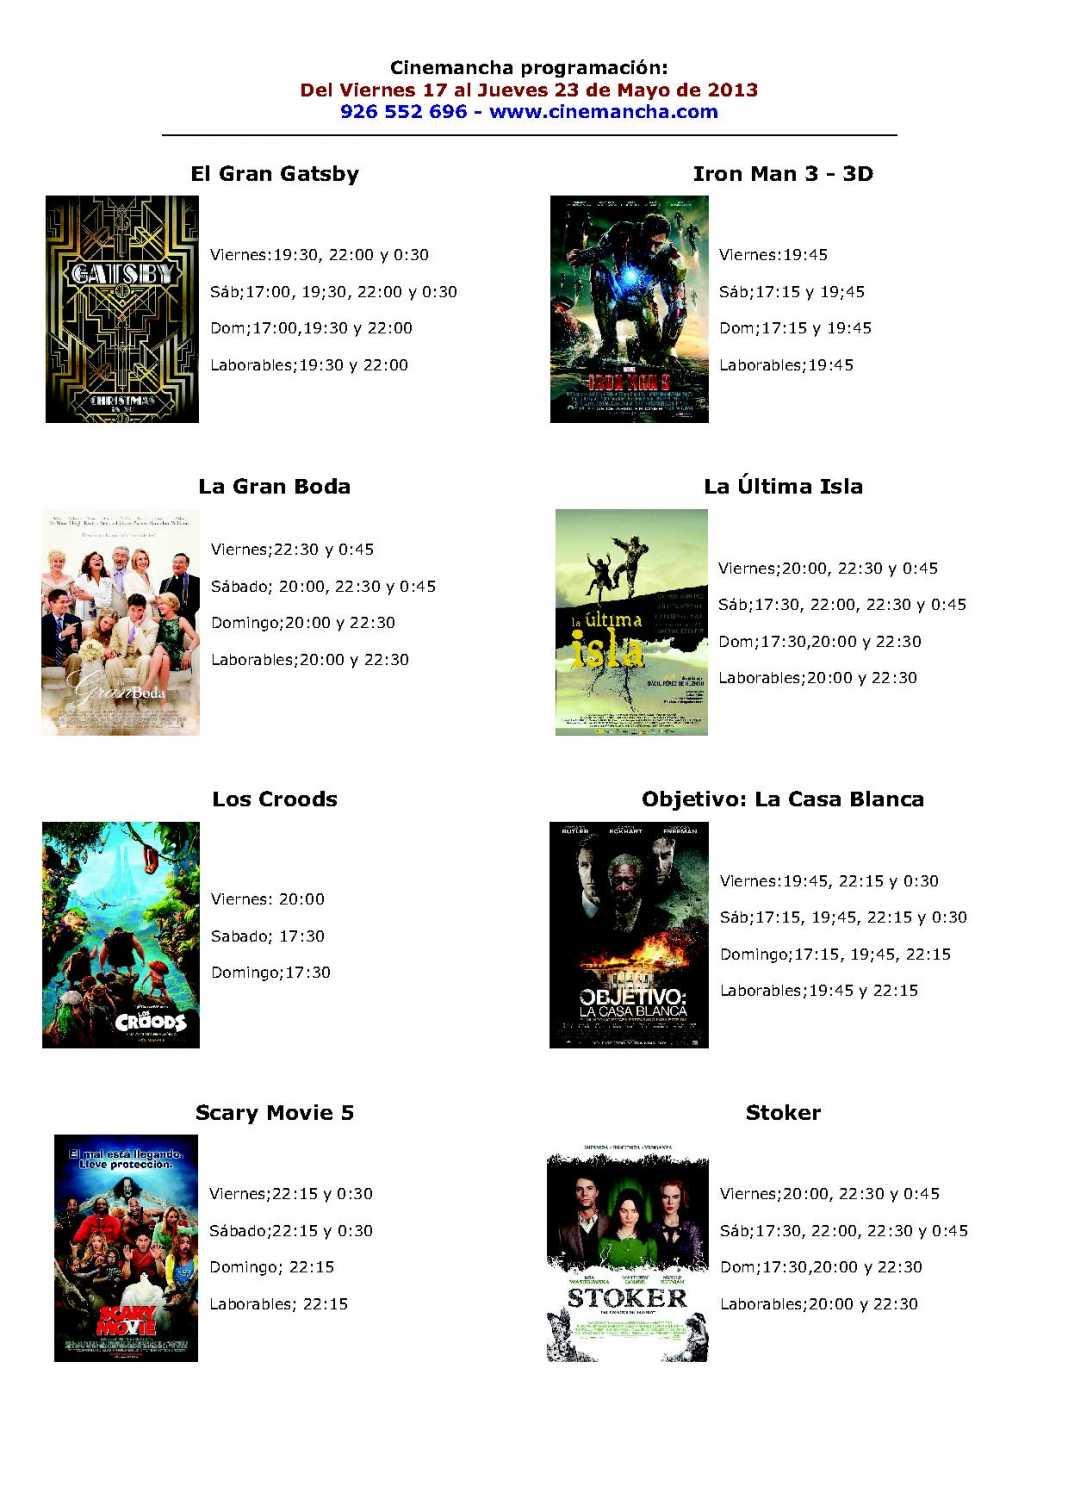 Cinemancha Programación. Del viernes 17 al jueves 23 de mayo. 1